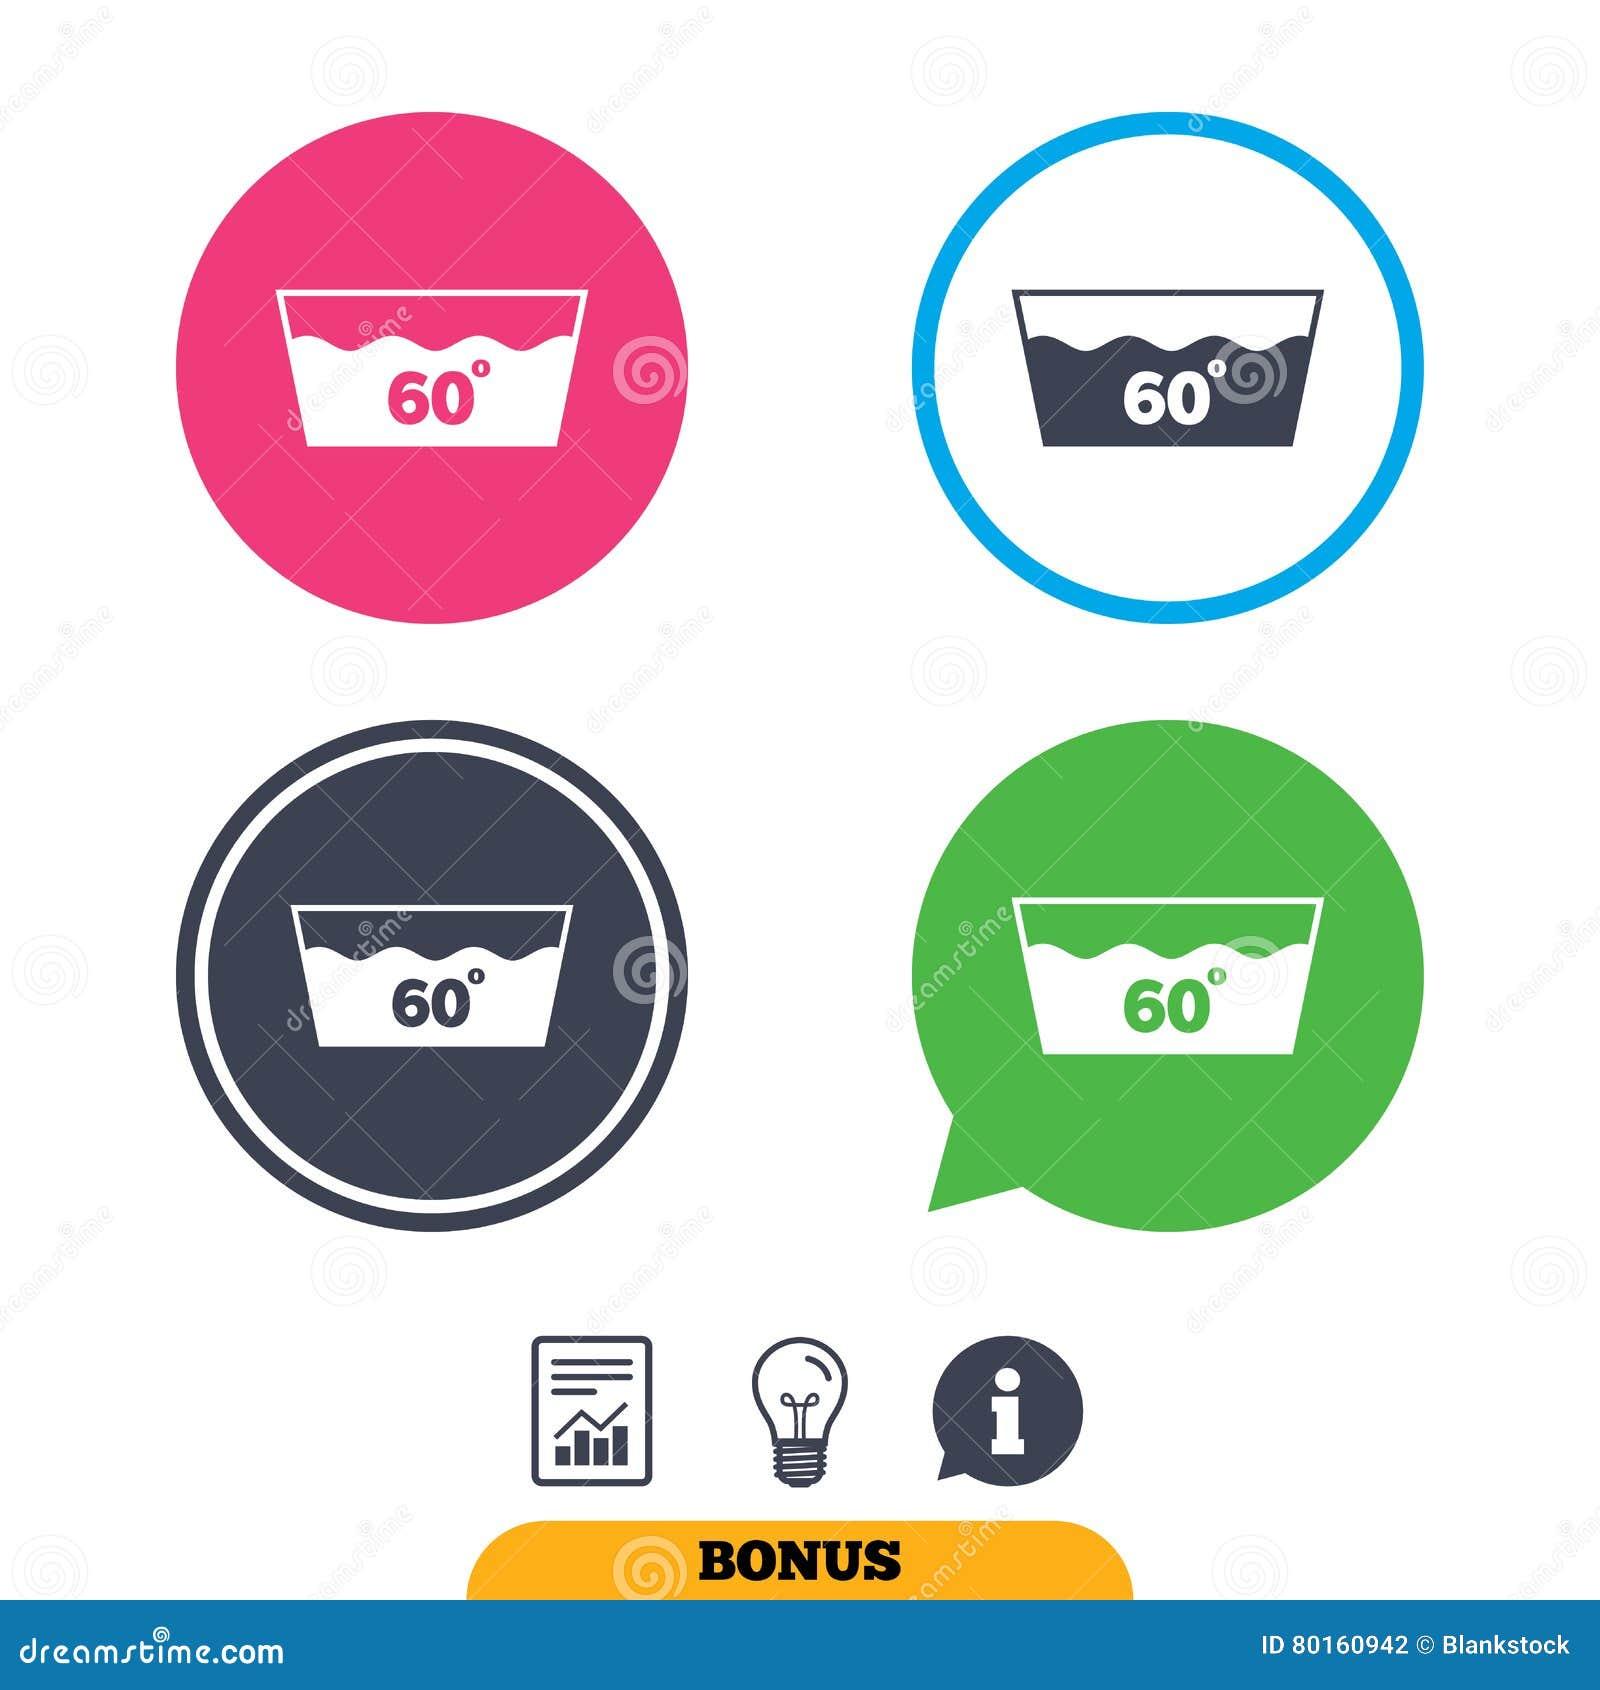 Wash Icon Machine Washable At 60 Degrees Symbol Illustration